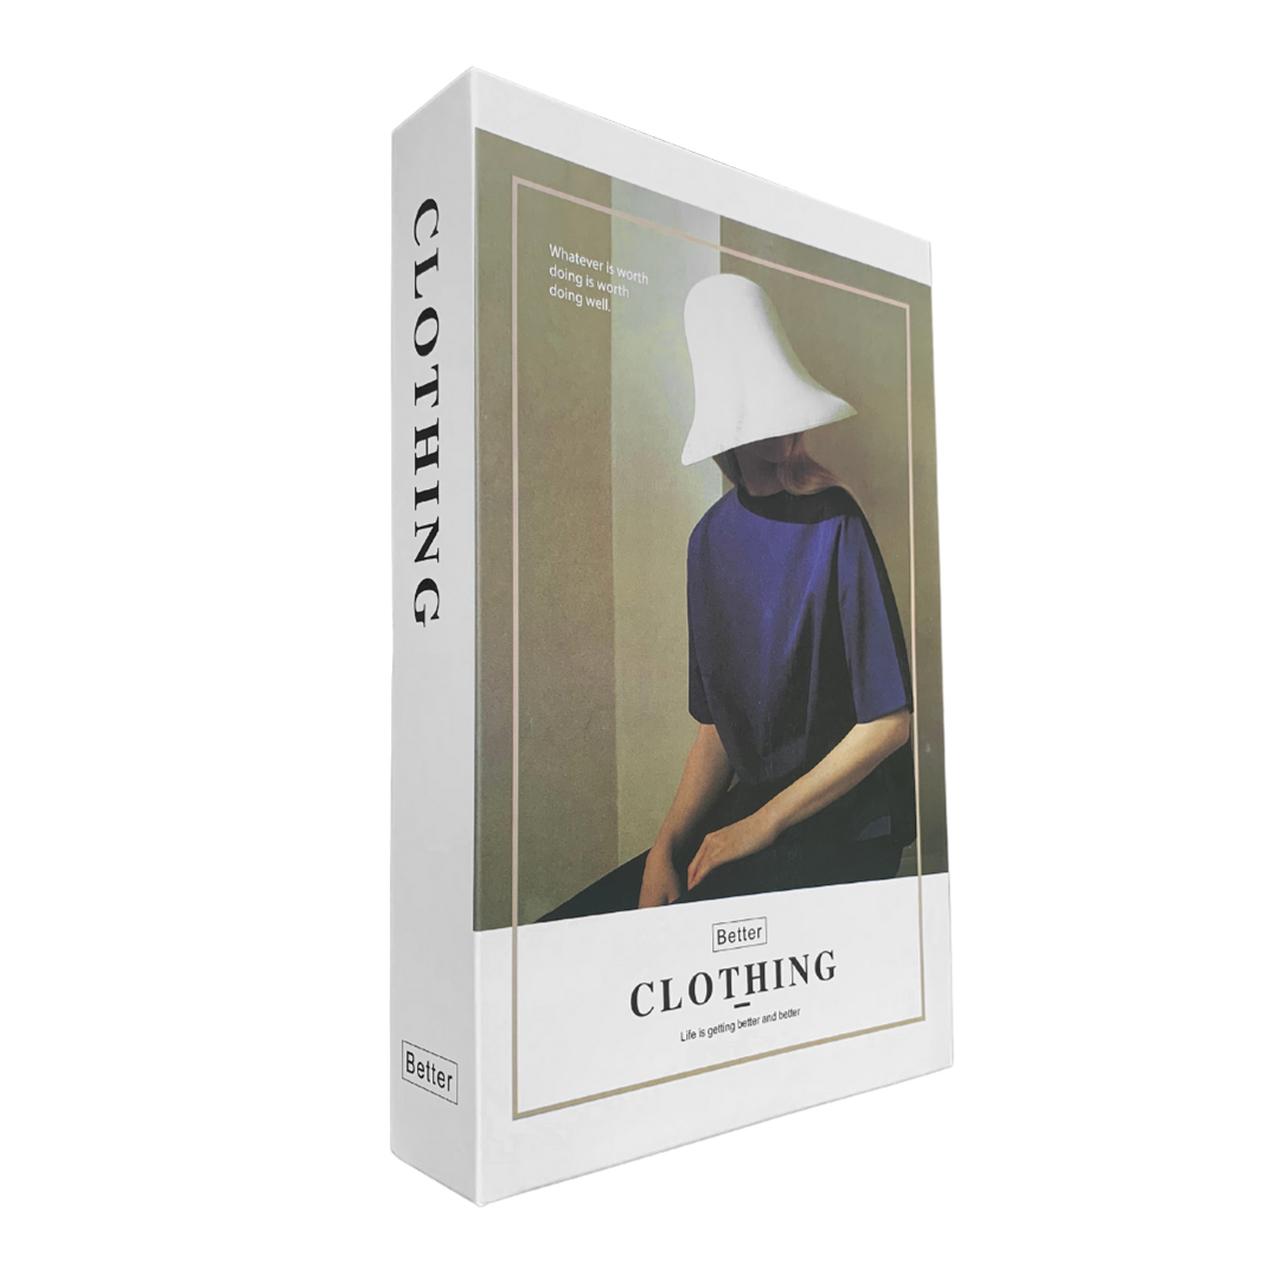 Caixa Livro Decorativa Clothing